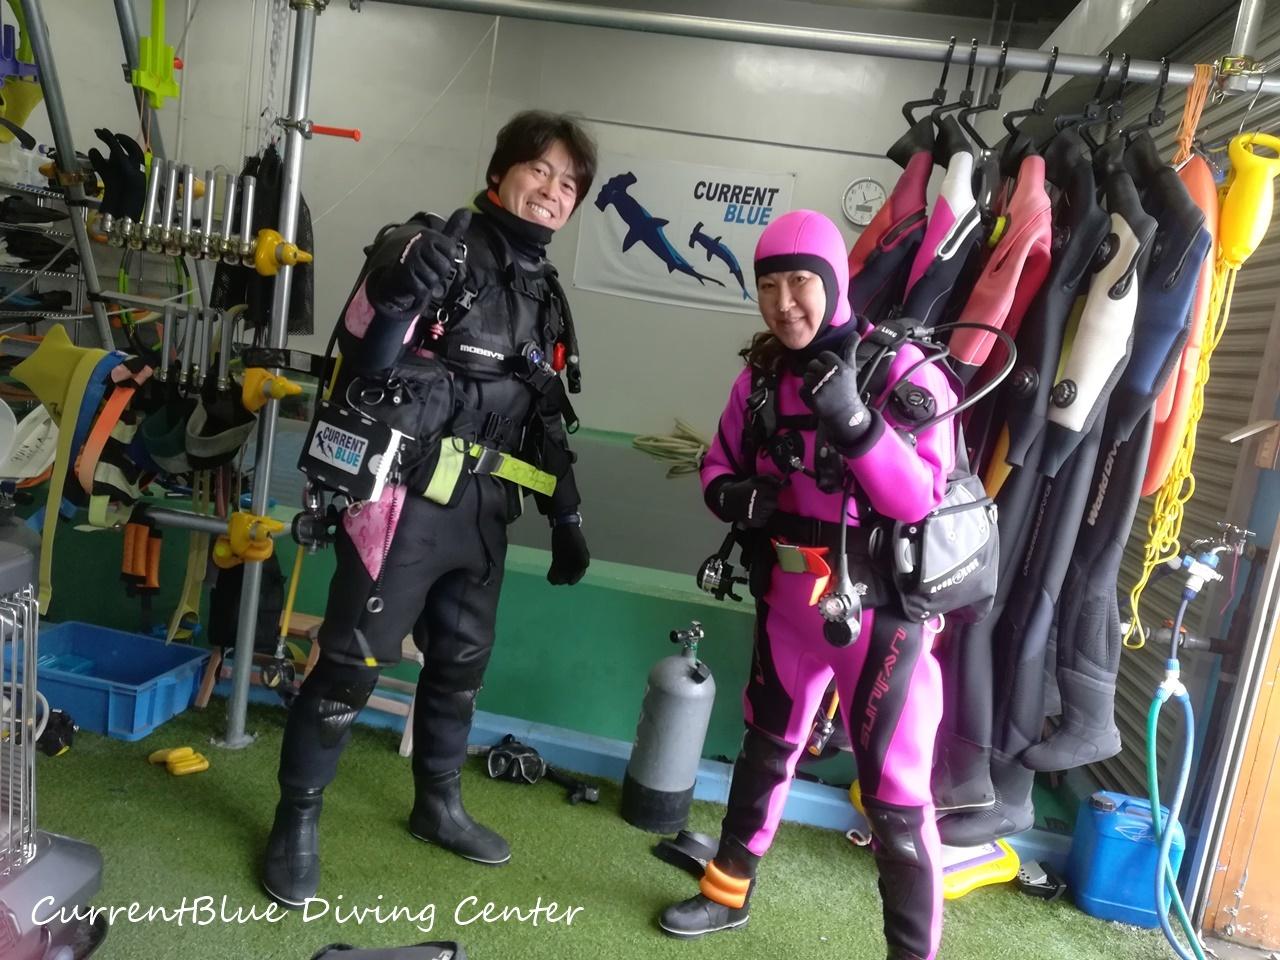 プールダイブ,ダイビングスキルプールレッスン,千葉ダイビングインストラクターコース (3)